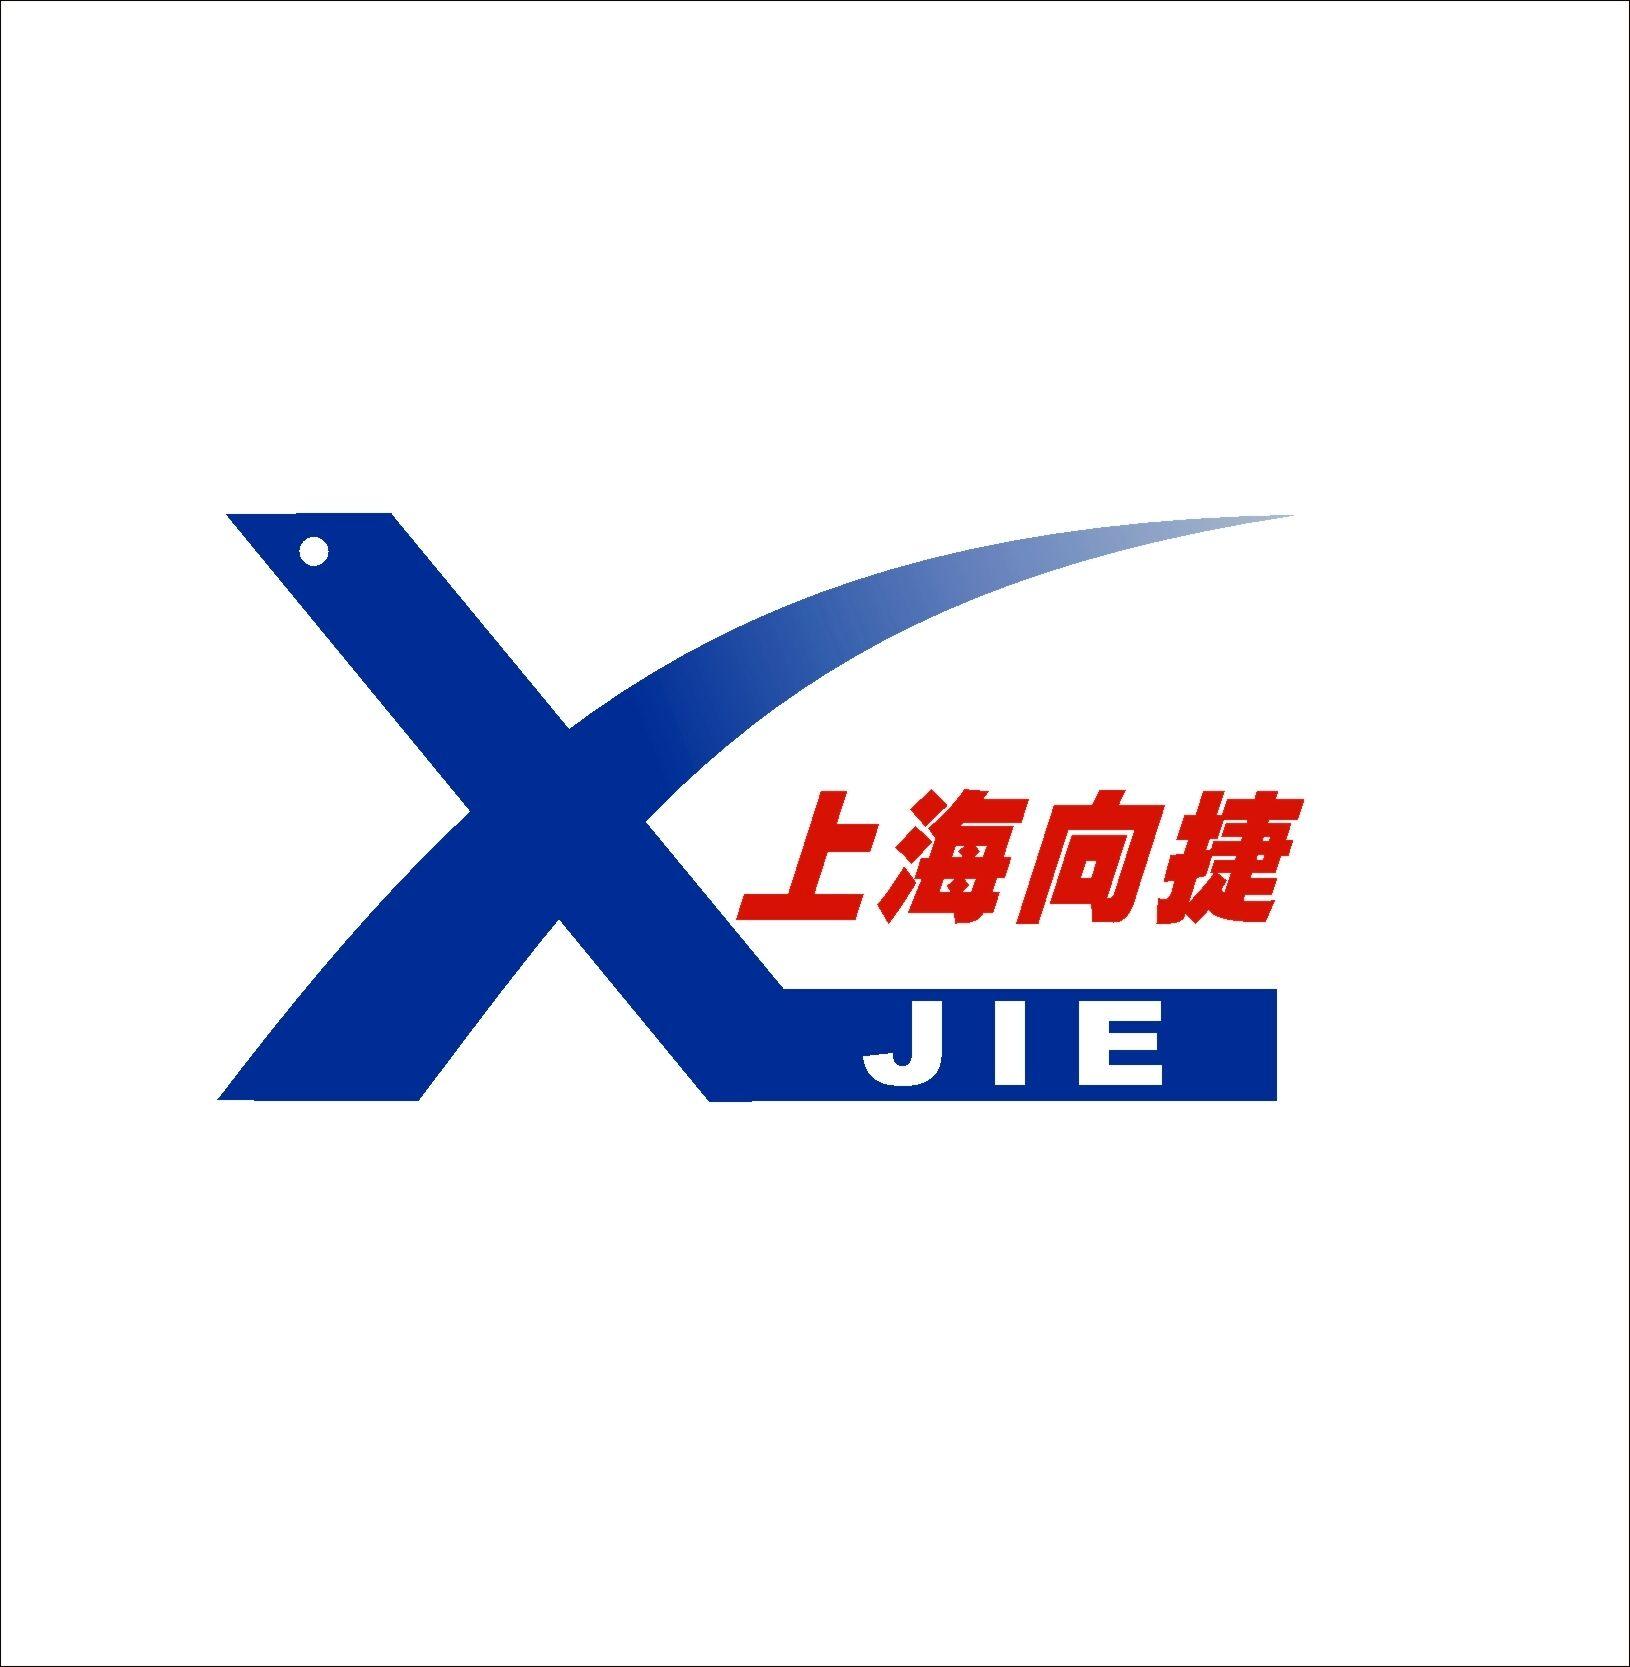 上海向捷电子betway官网首页betway必威手机版登录